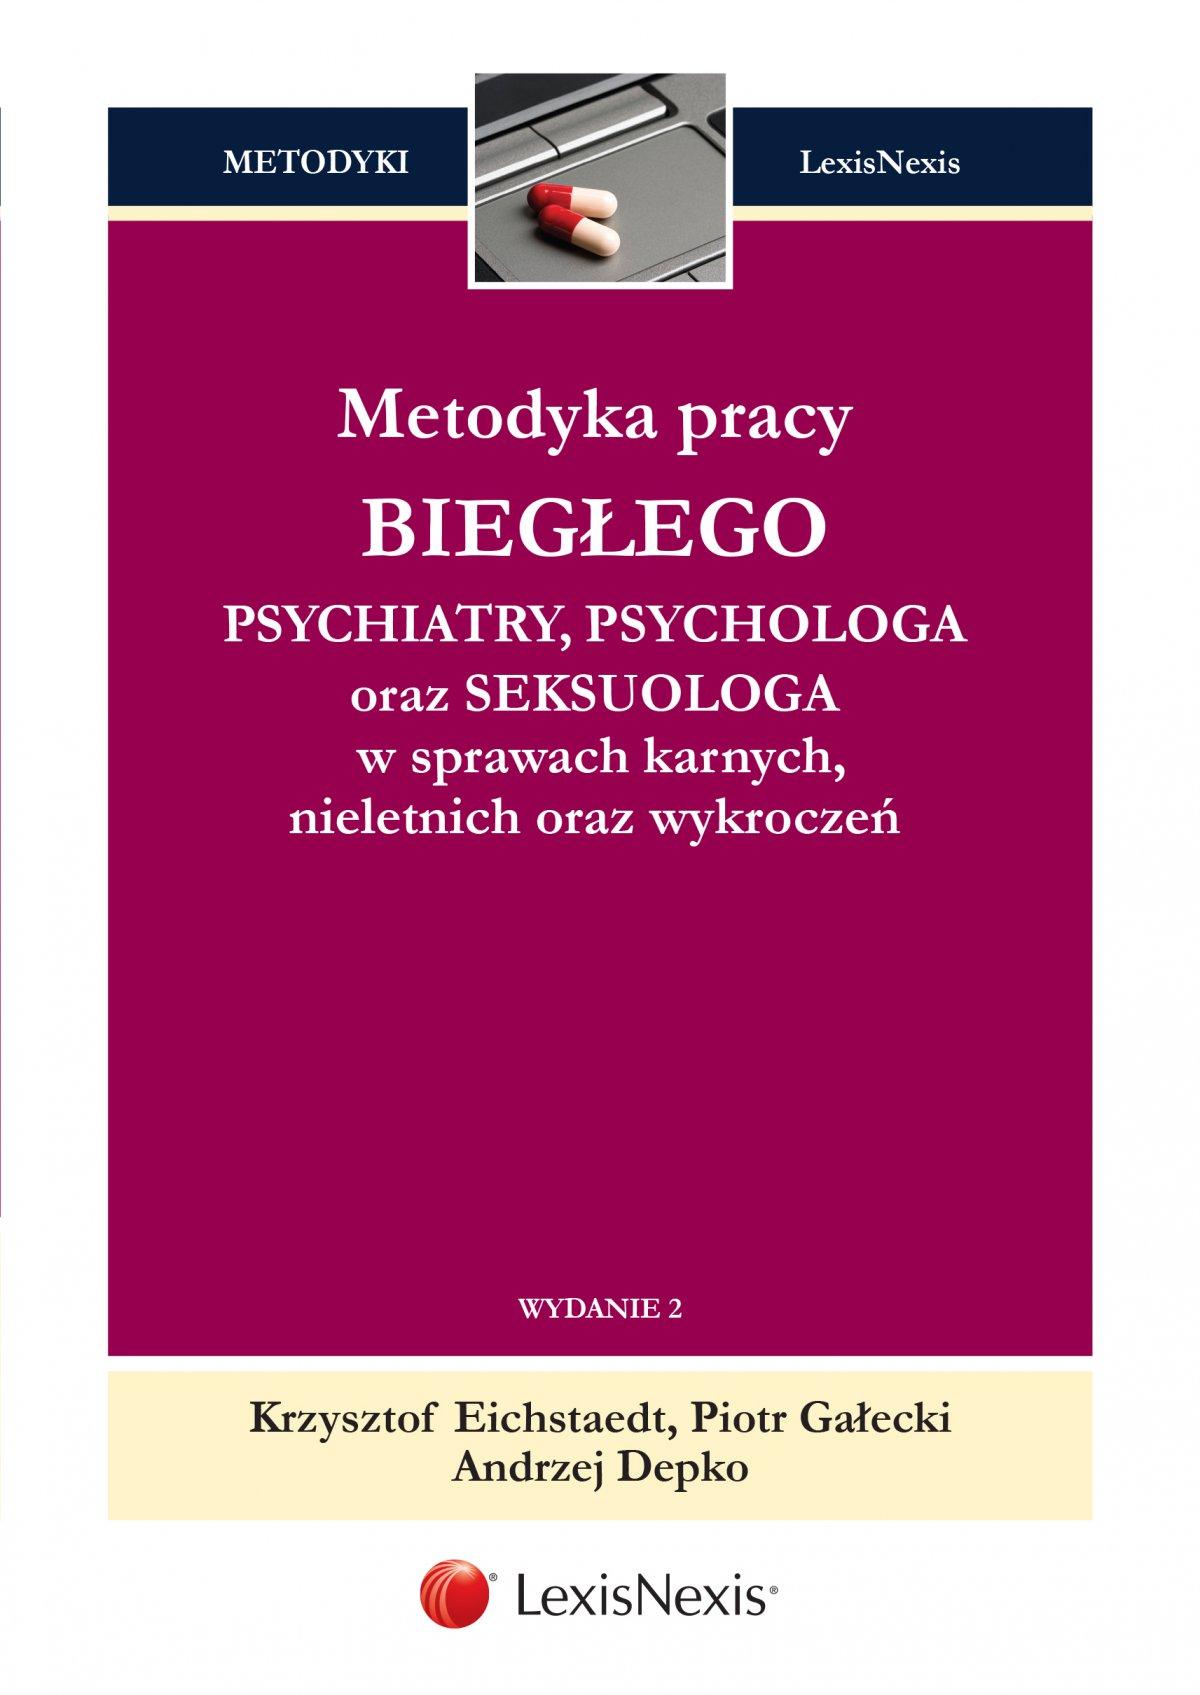 Metodyka pracy biegłego psychiatry, psychologa oraz seksuologa w sprawach karnych, nieletnich oraz wykroczeń. Wydanie 2 - Ebook (Książka EPUB) do pobrania w formacie EPUB